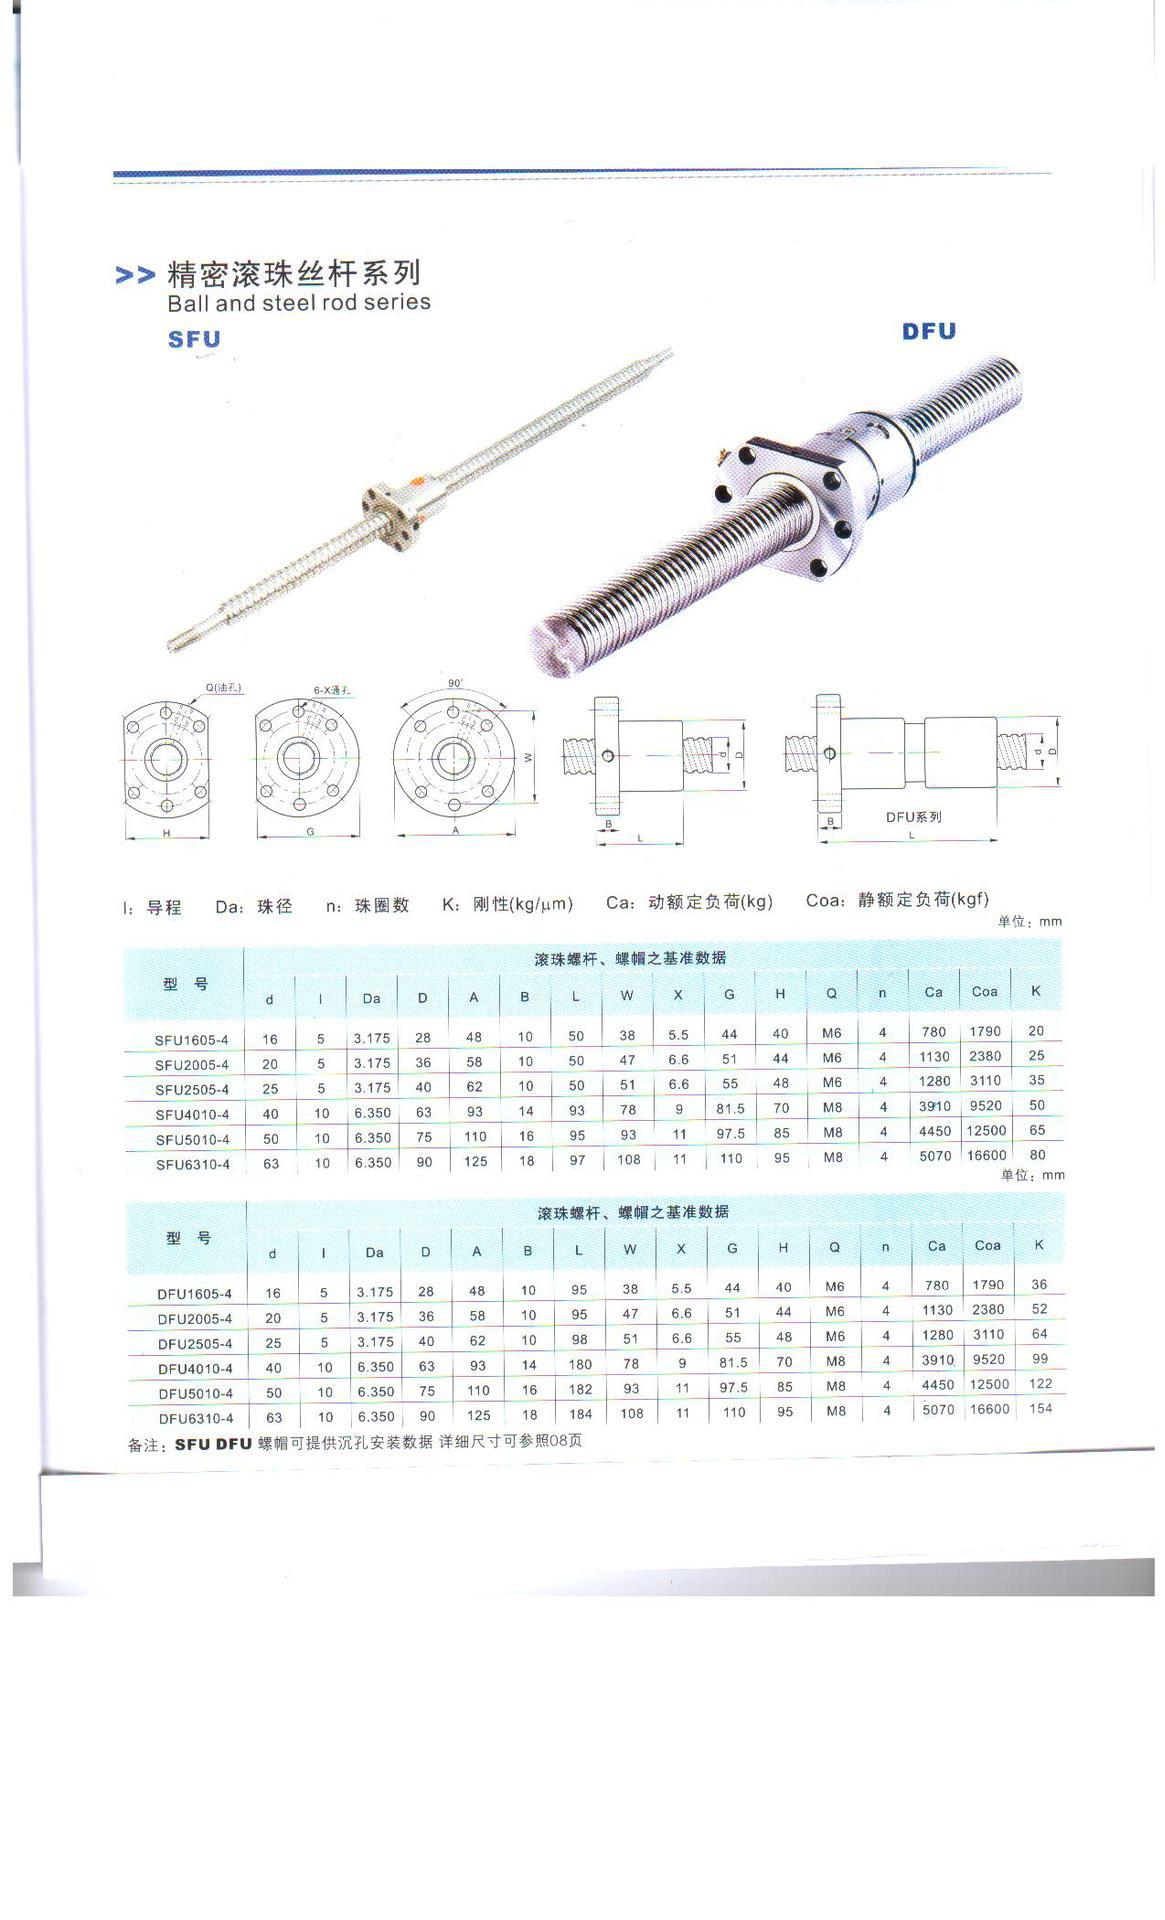 厂家供应高精度 国产丝杆 DFU2010 双螺母 非标订做 滚珠丝